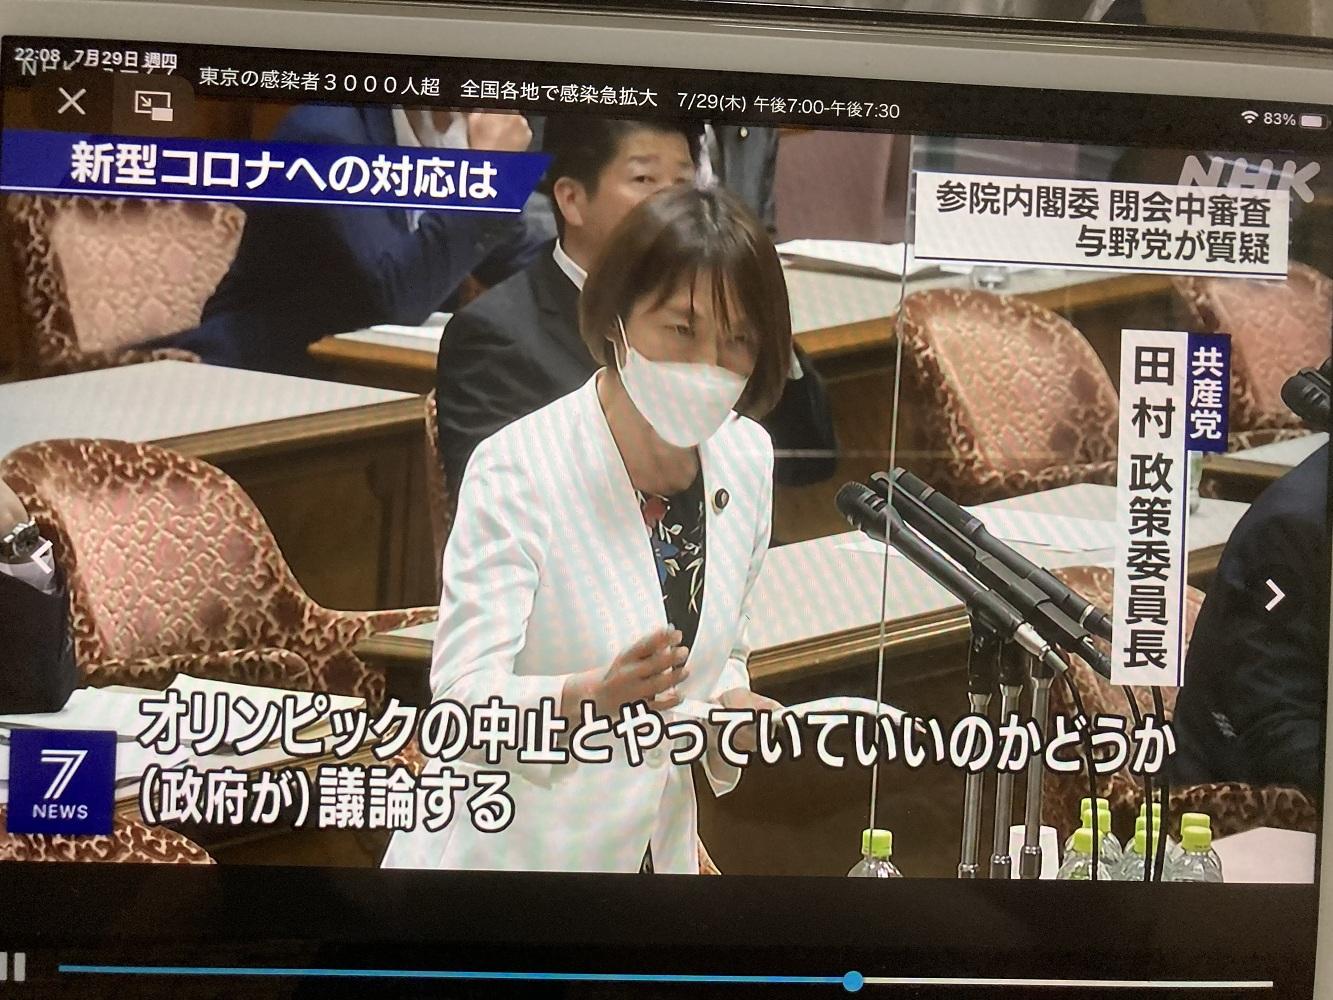 國會議員相繼因為日本疫情大爆而要求檢討停止東奧(攝自NHK新聞)